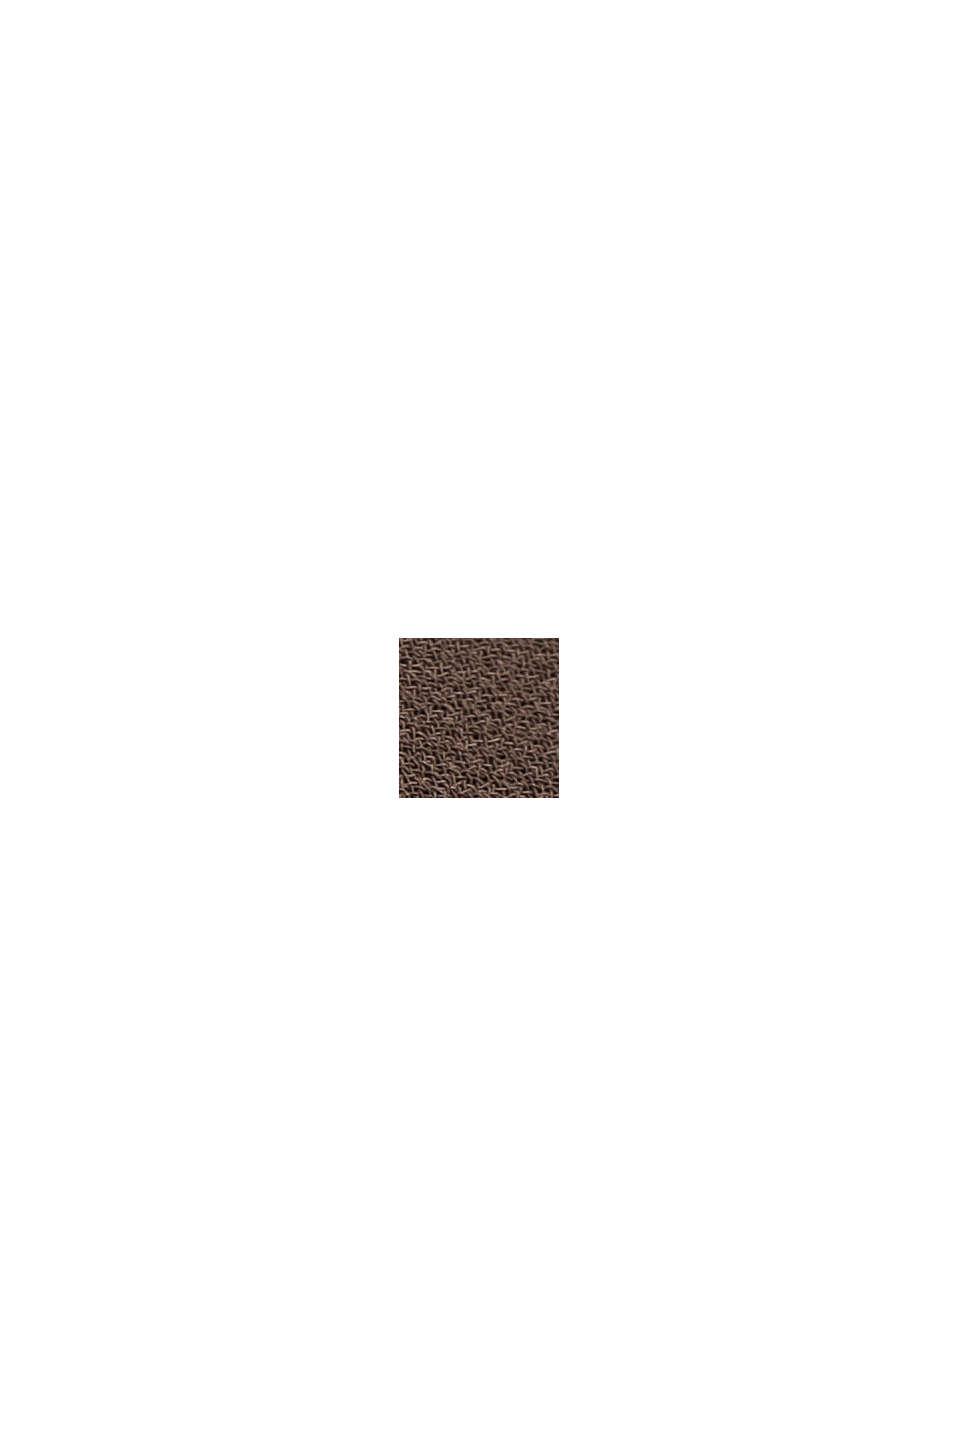 Af genanvendte materialer: Chiffonnederdel med satinlinning, TAUPE, swatch